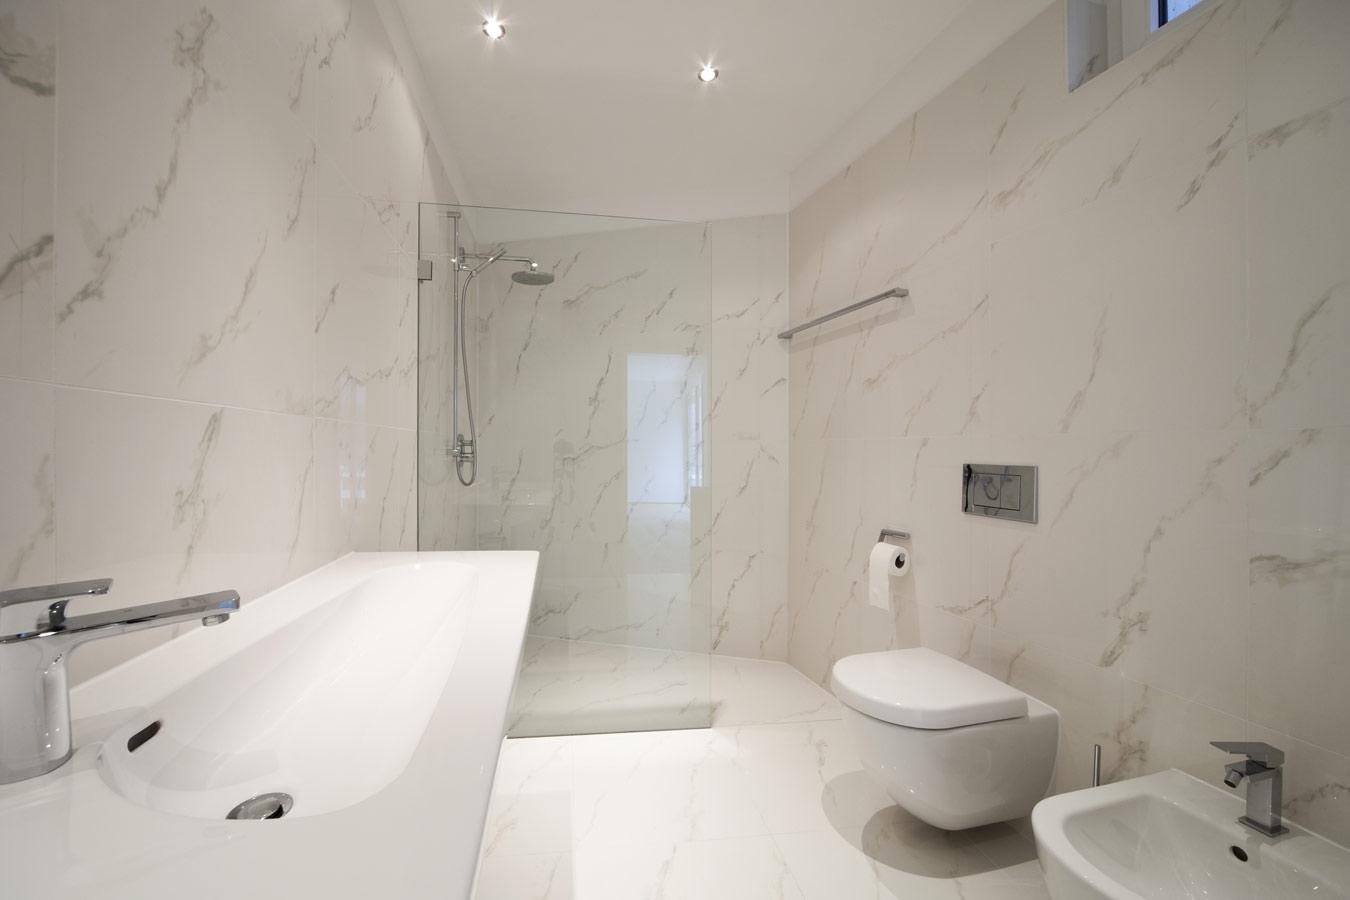 Moderne badkamers: Inspiratie foto\'s en tips